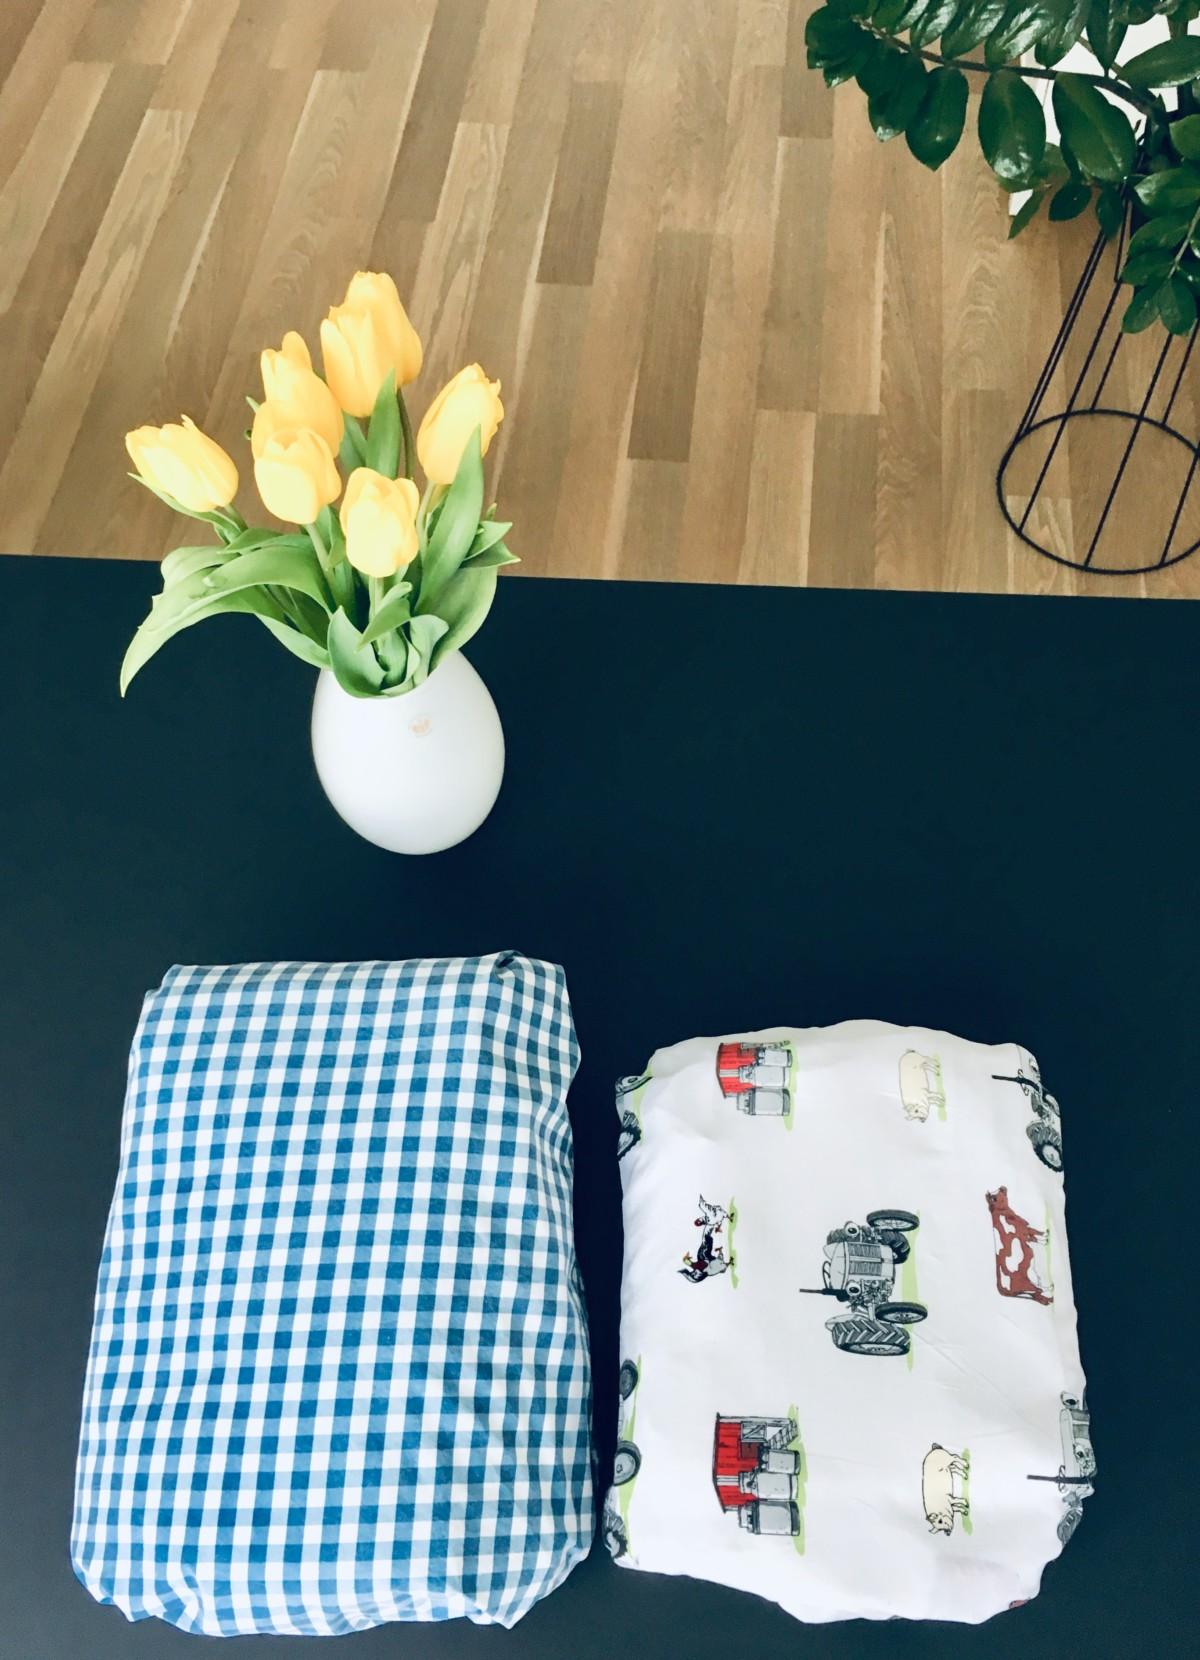 Oppbevaring av sengetøy